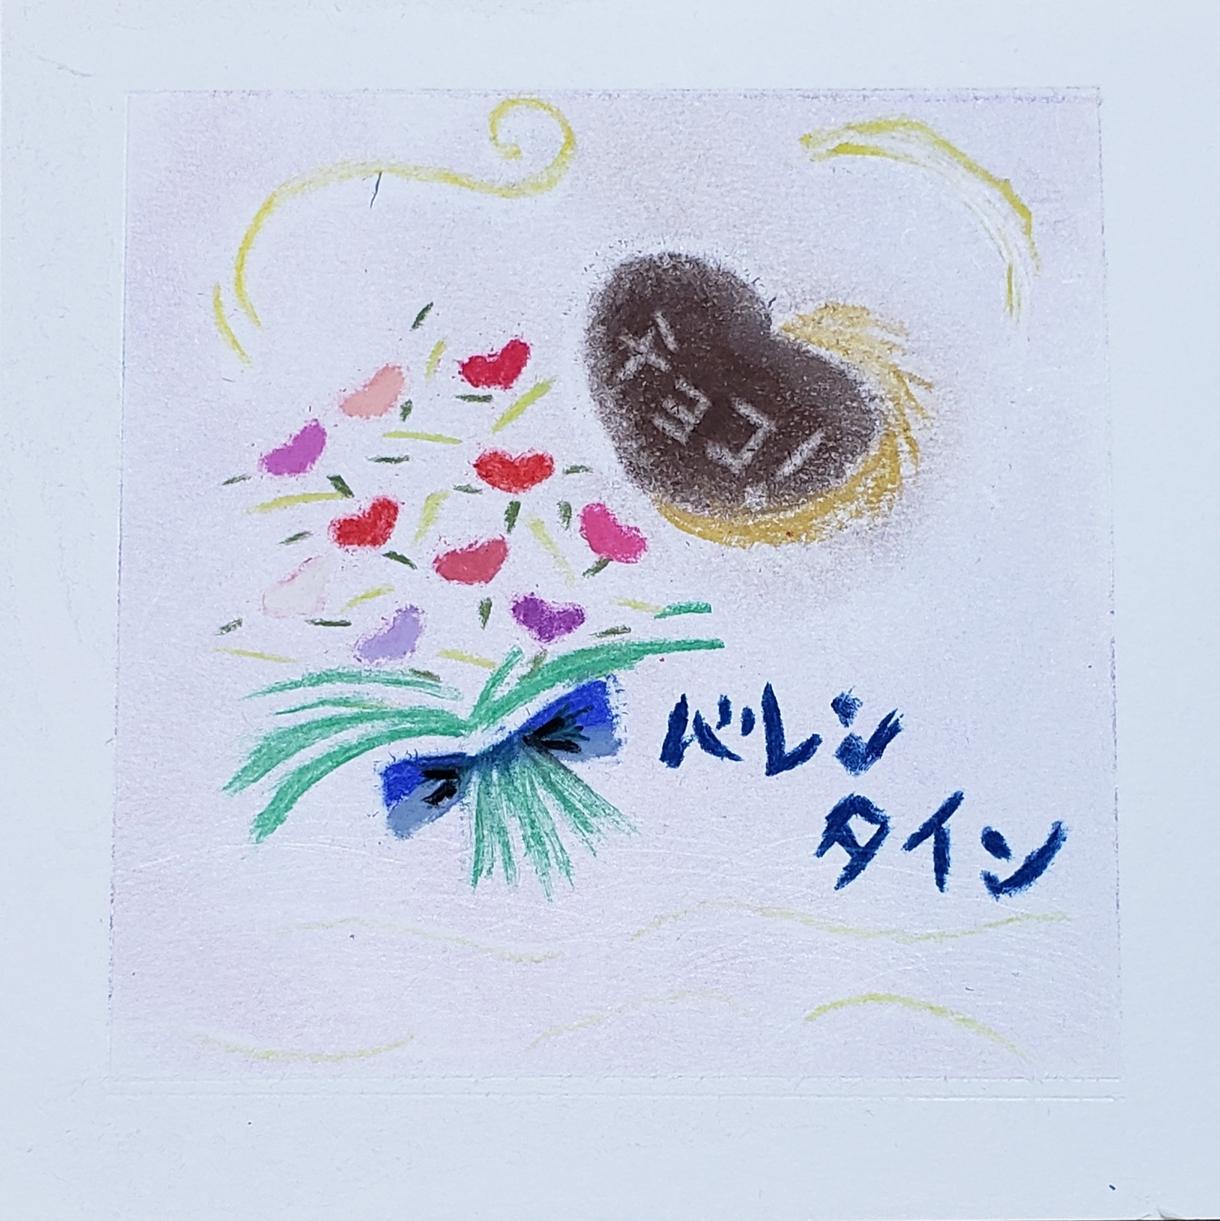 パステル和アートで、素敵な絵描きます 15センチ角の可愛いパステル画